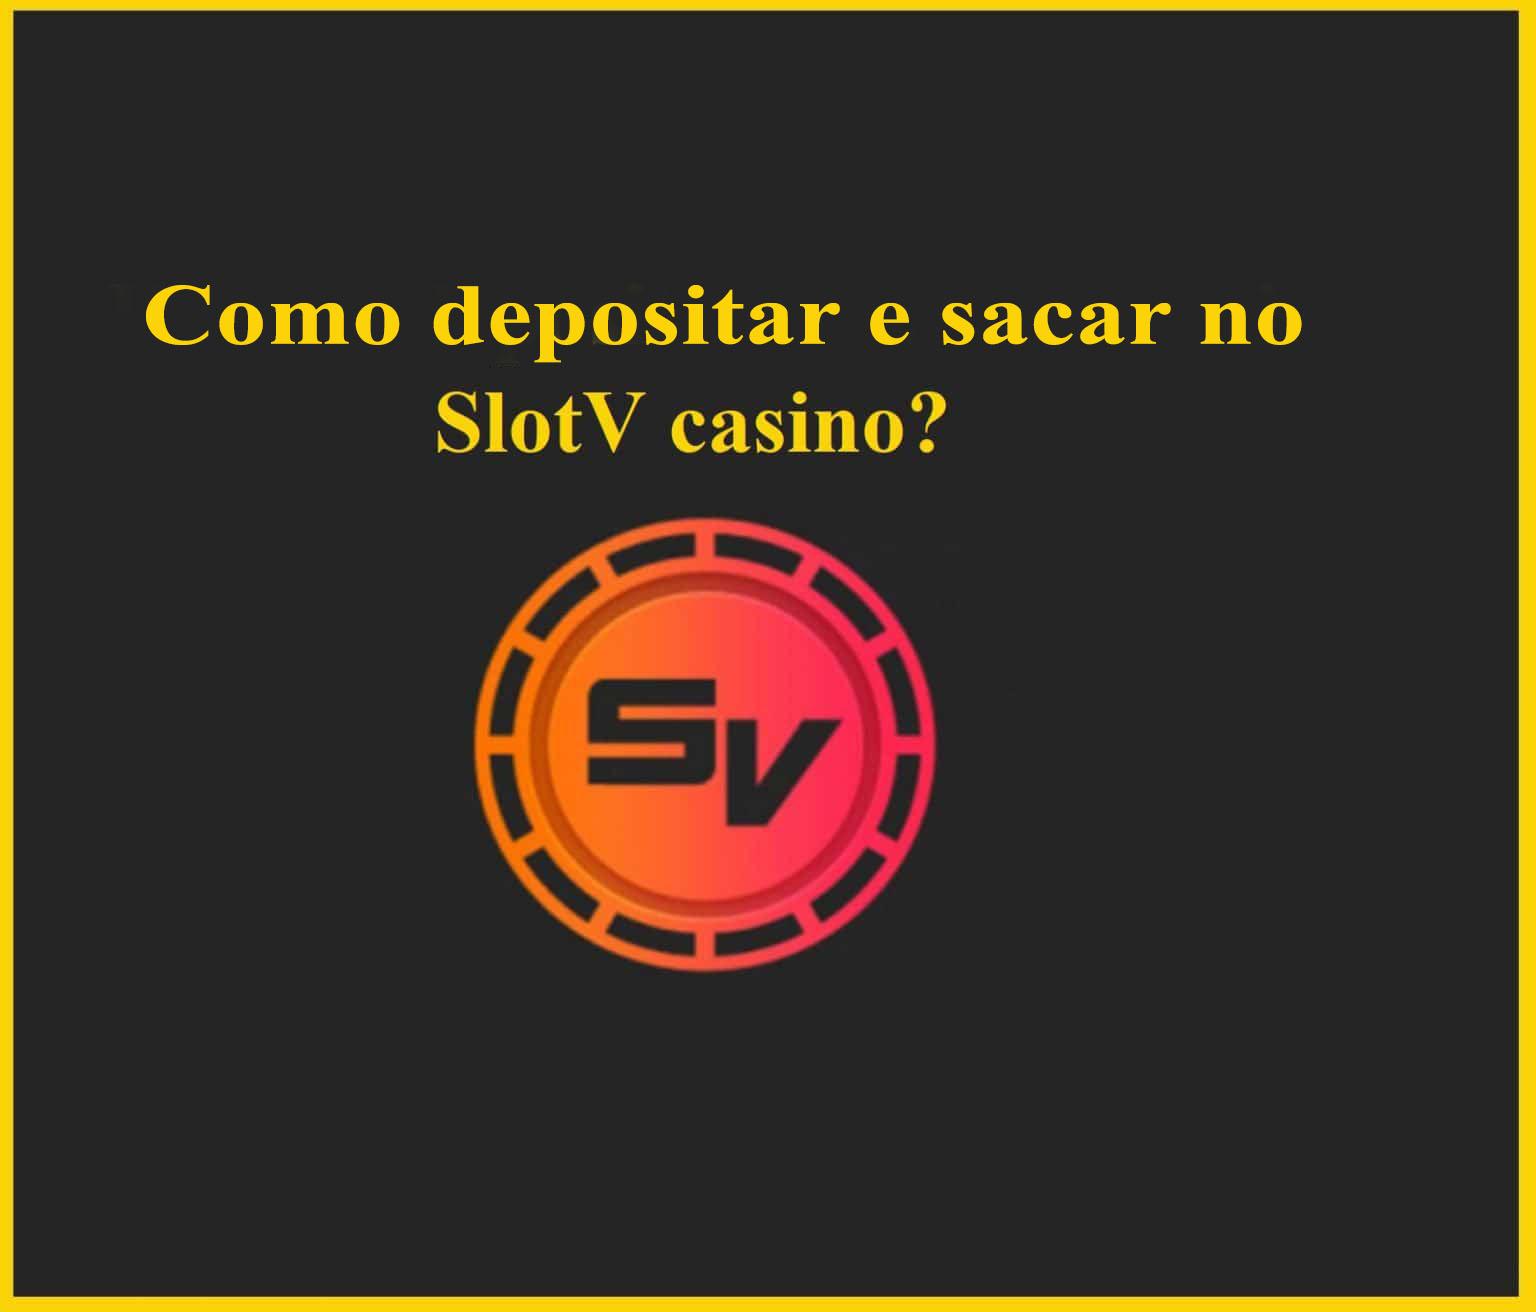 Cassino Slotv depósito e saque